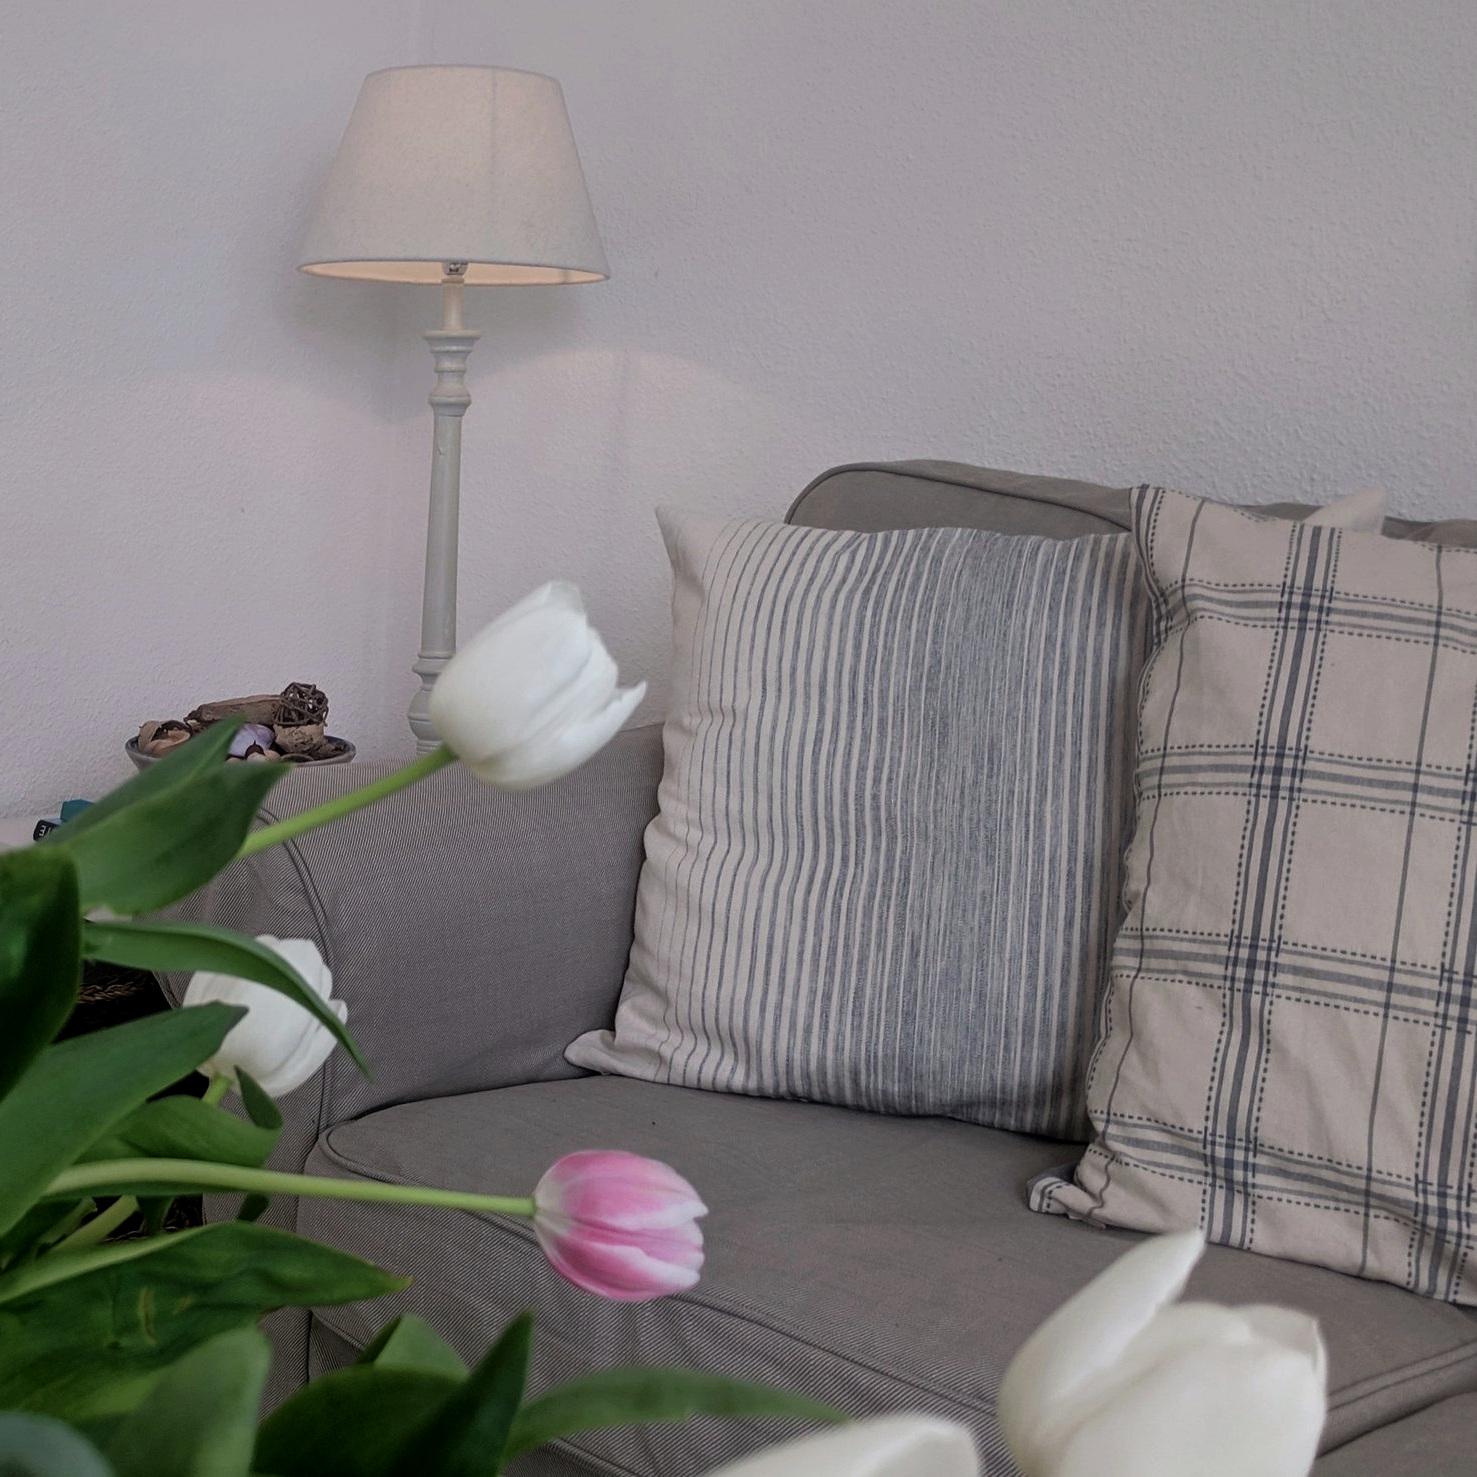 Cottage - Ausstattung und Fotos